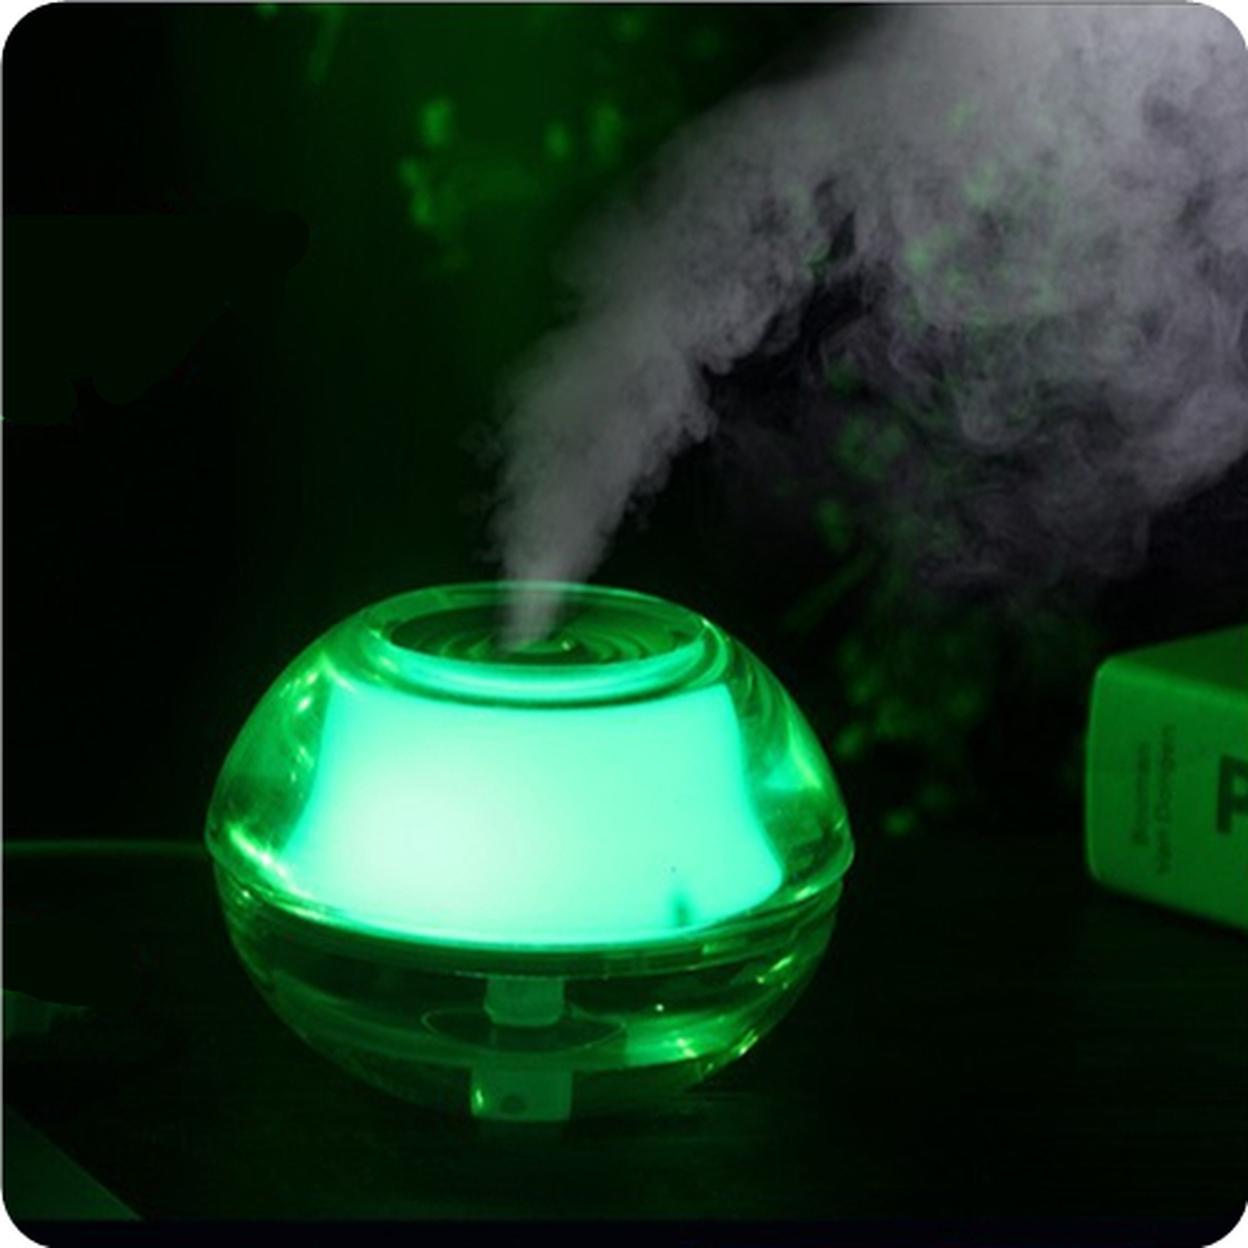 LED Air Humidifier - Green 58e7ebc440f76c54832a3eda